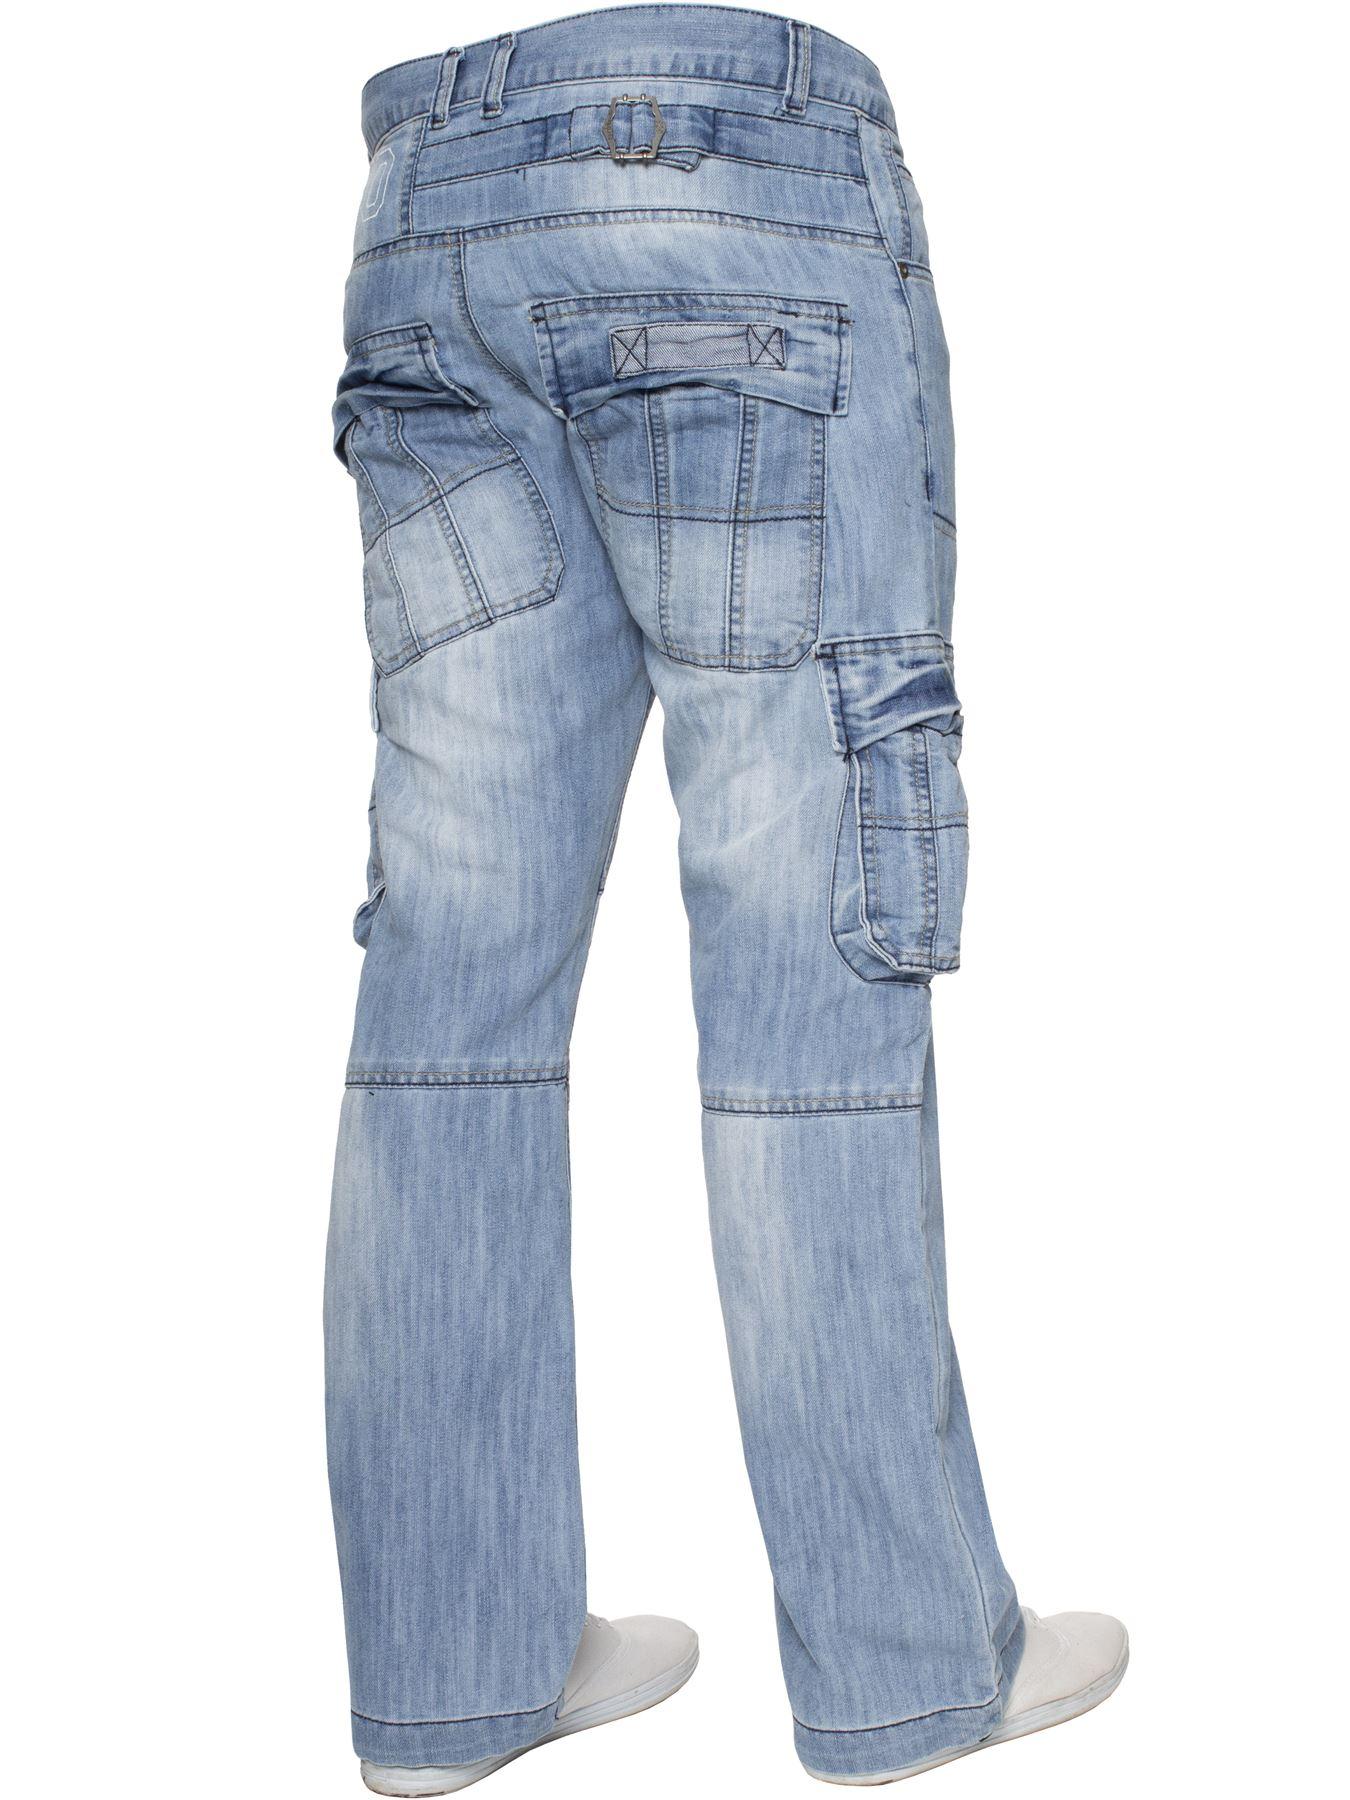 Jeans-Para-Hombre-de-carga-de-combate-pesado-Pantalones-de-trabajo-pantalones-de-mezclilla-Big-King miniatura 47